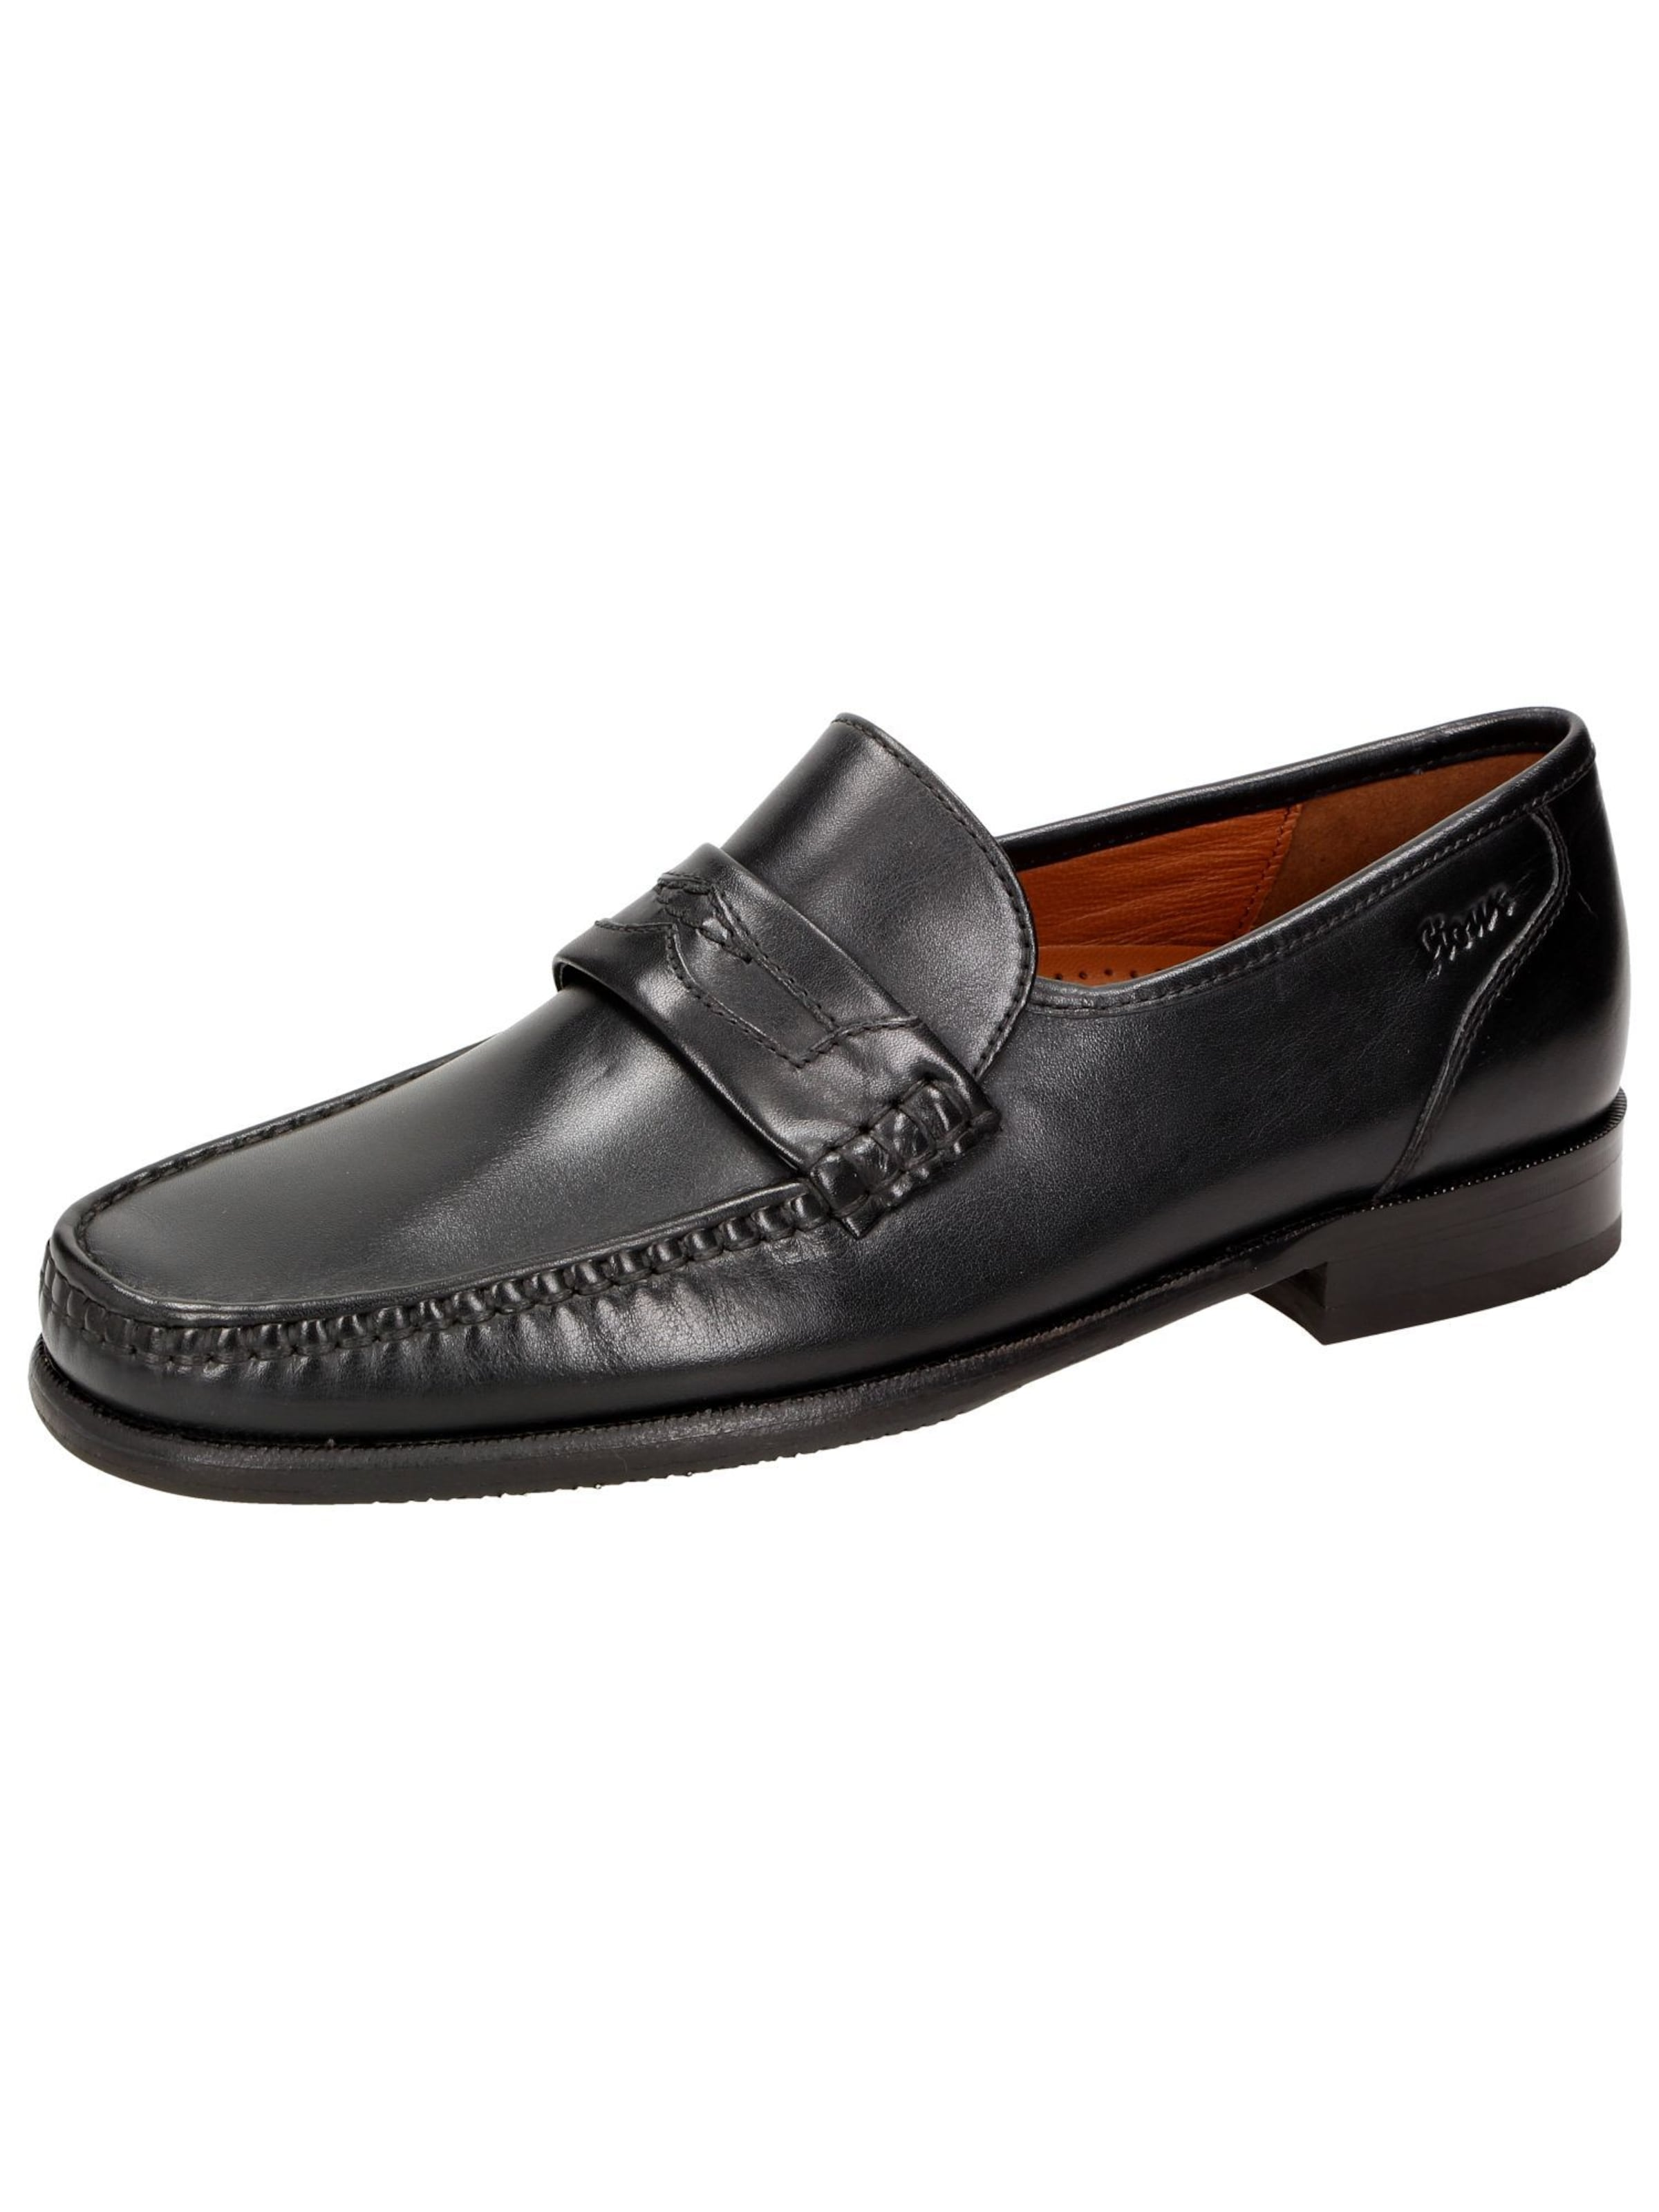 SIOUX Slipper Cabaco Verschleißfeste billige Schuhe